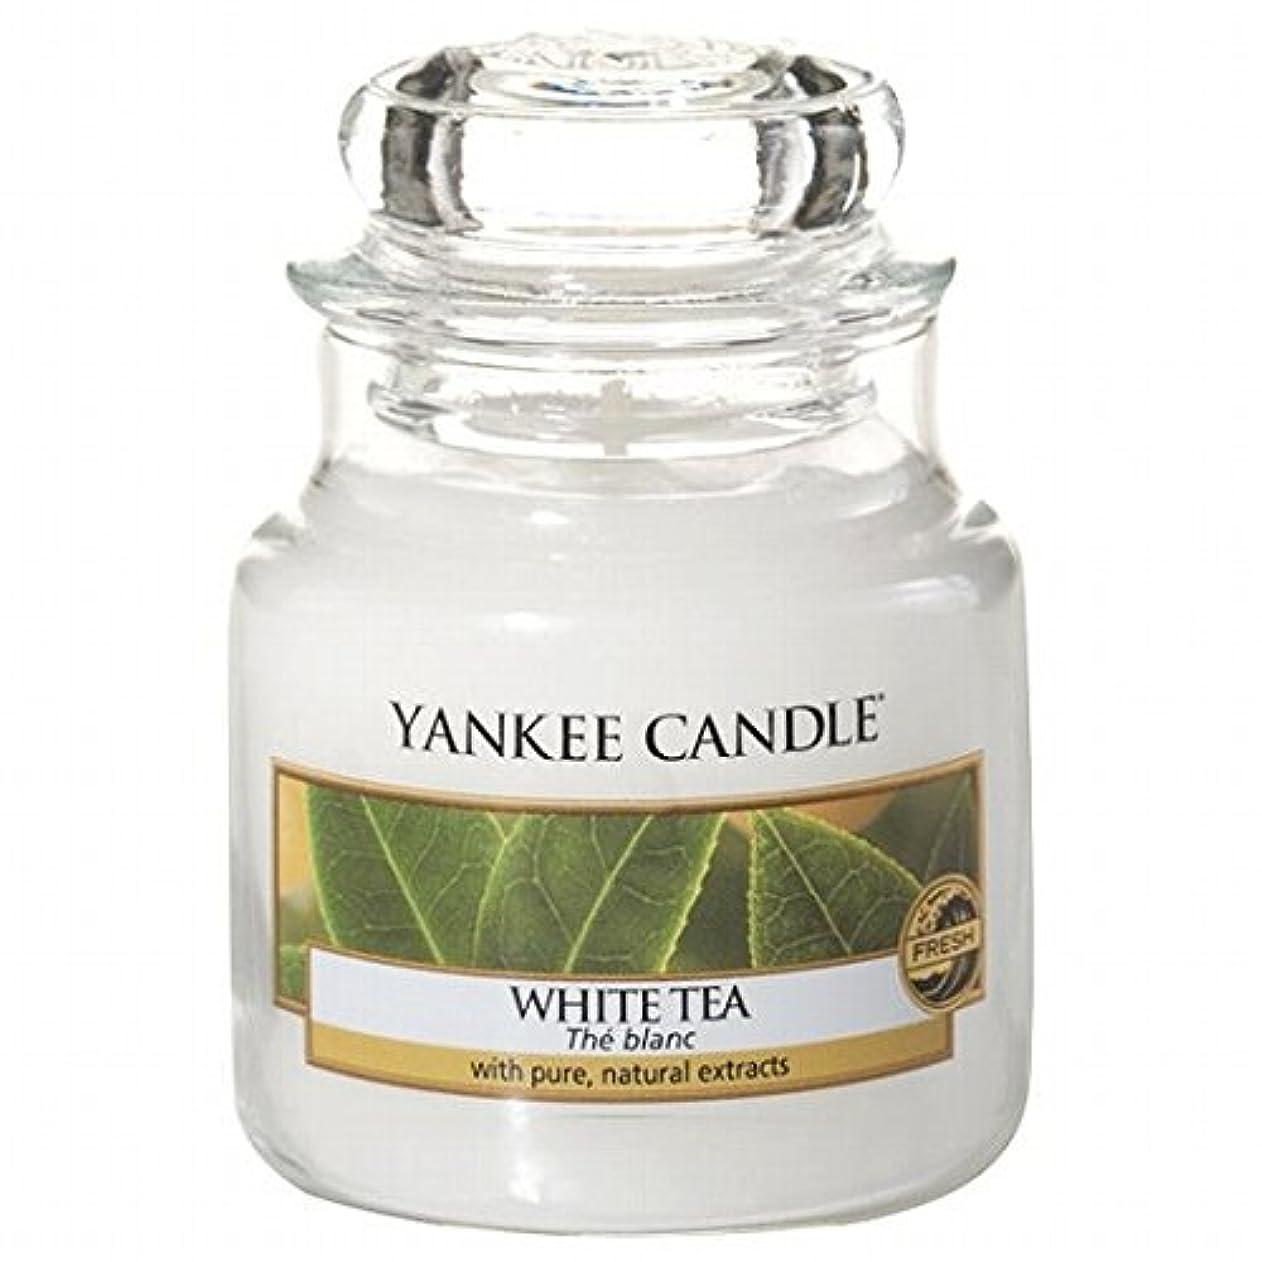 ガム呪われた好奇心盛ヤンキーキャンドル(YANKEE CANDLE) YANKEE CANDLE ジャーS 「ホワイトティー」